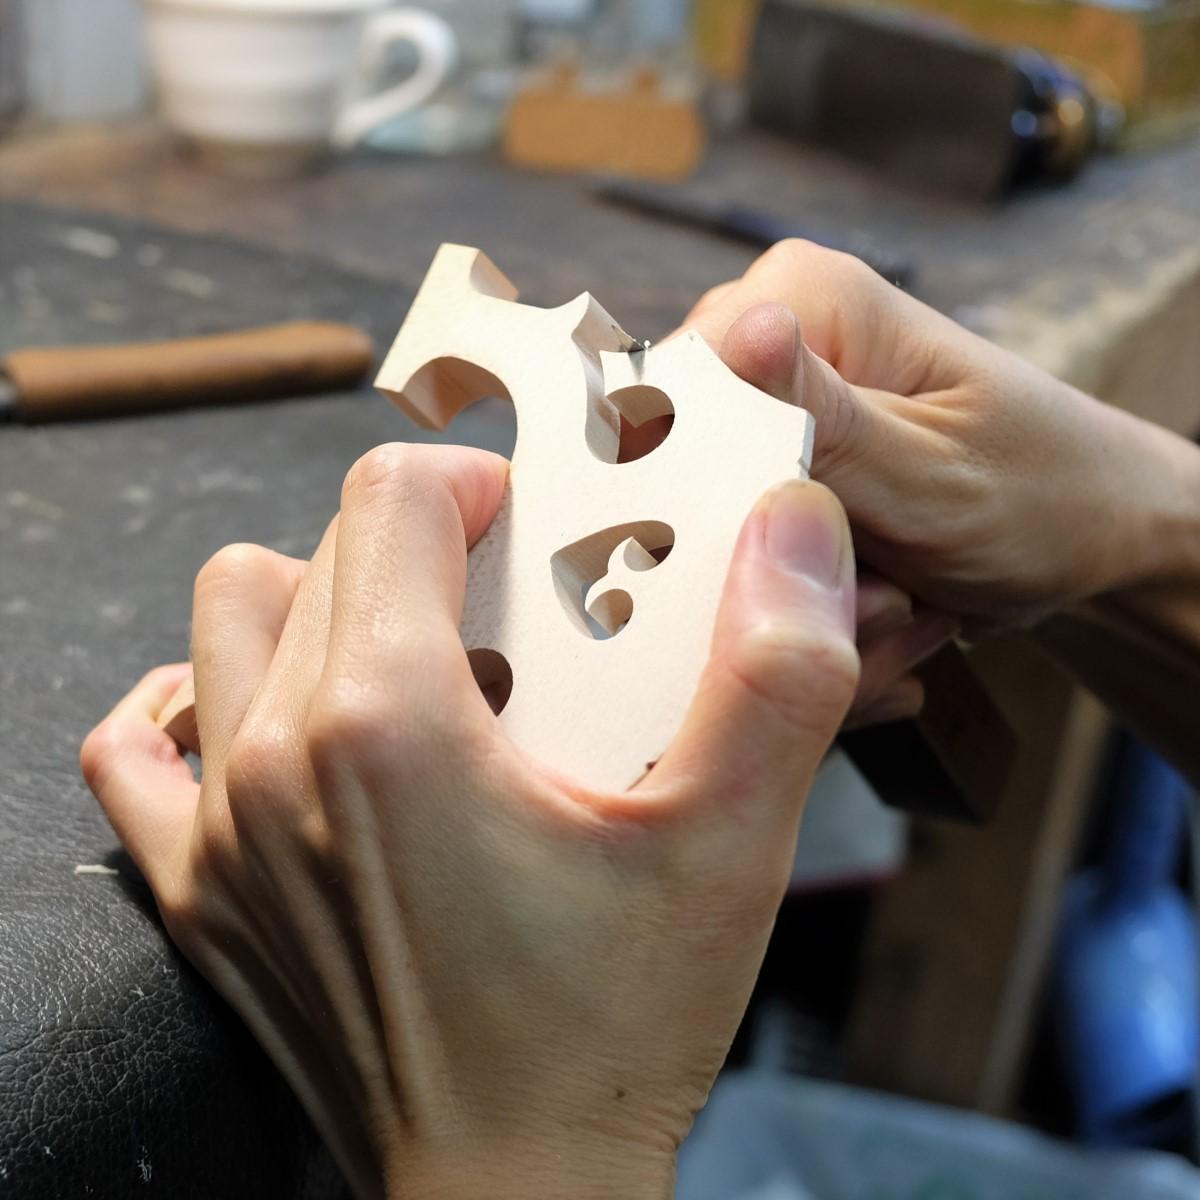 職人がチェロの駒を整形している手元